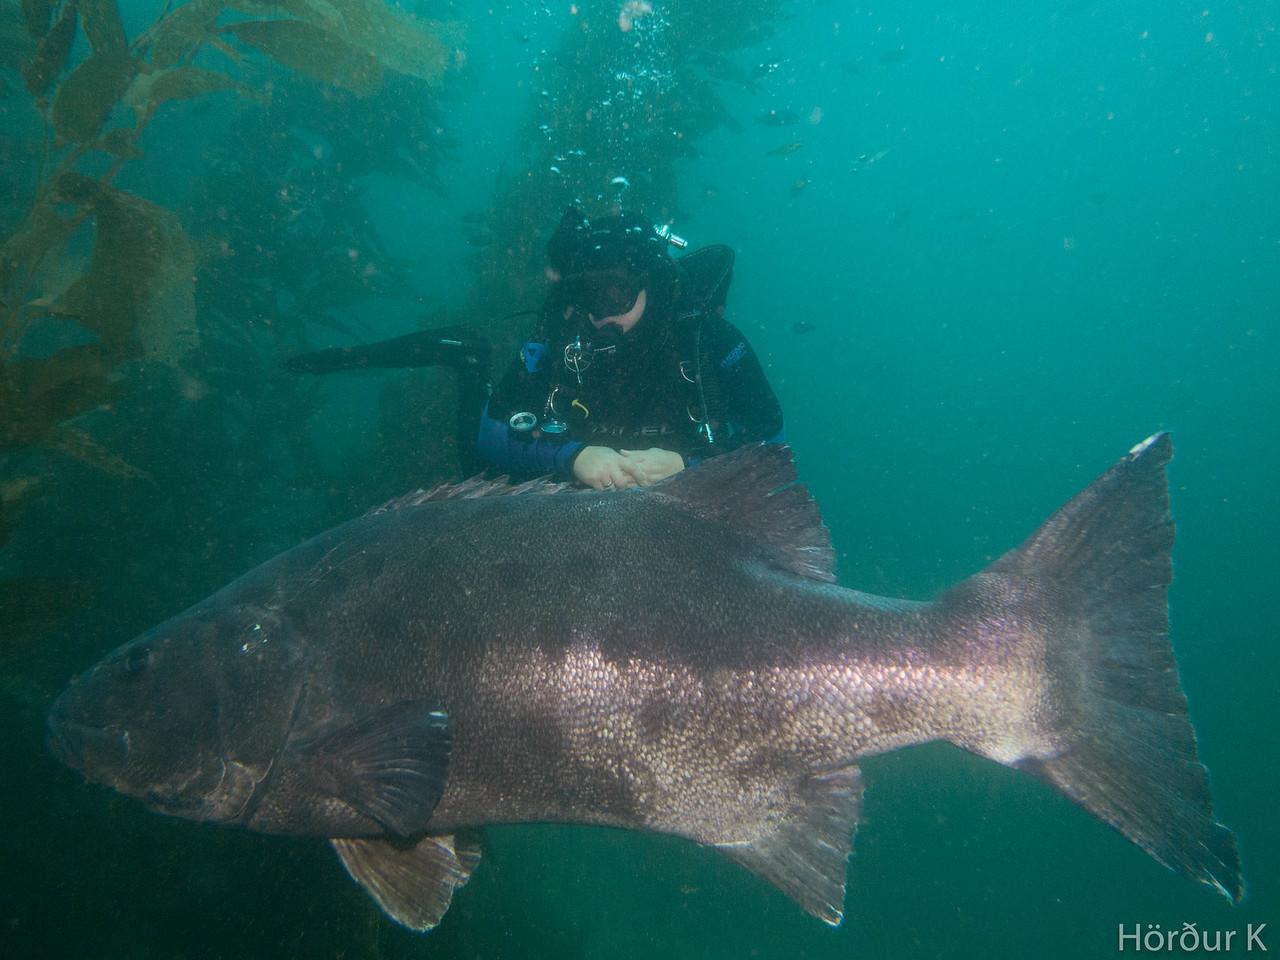 Me next to Giant Black Sea Bass